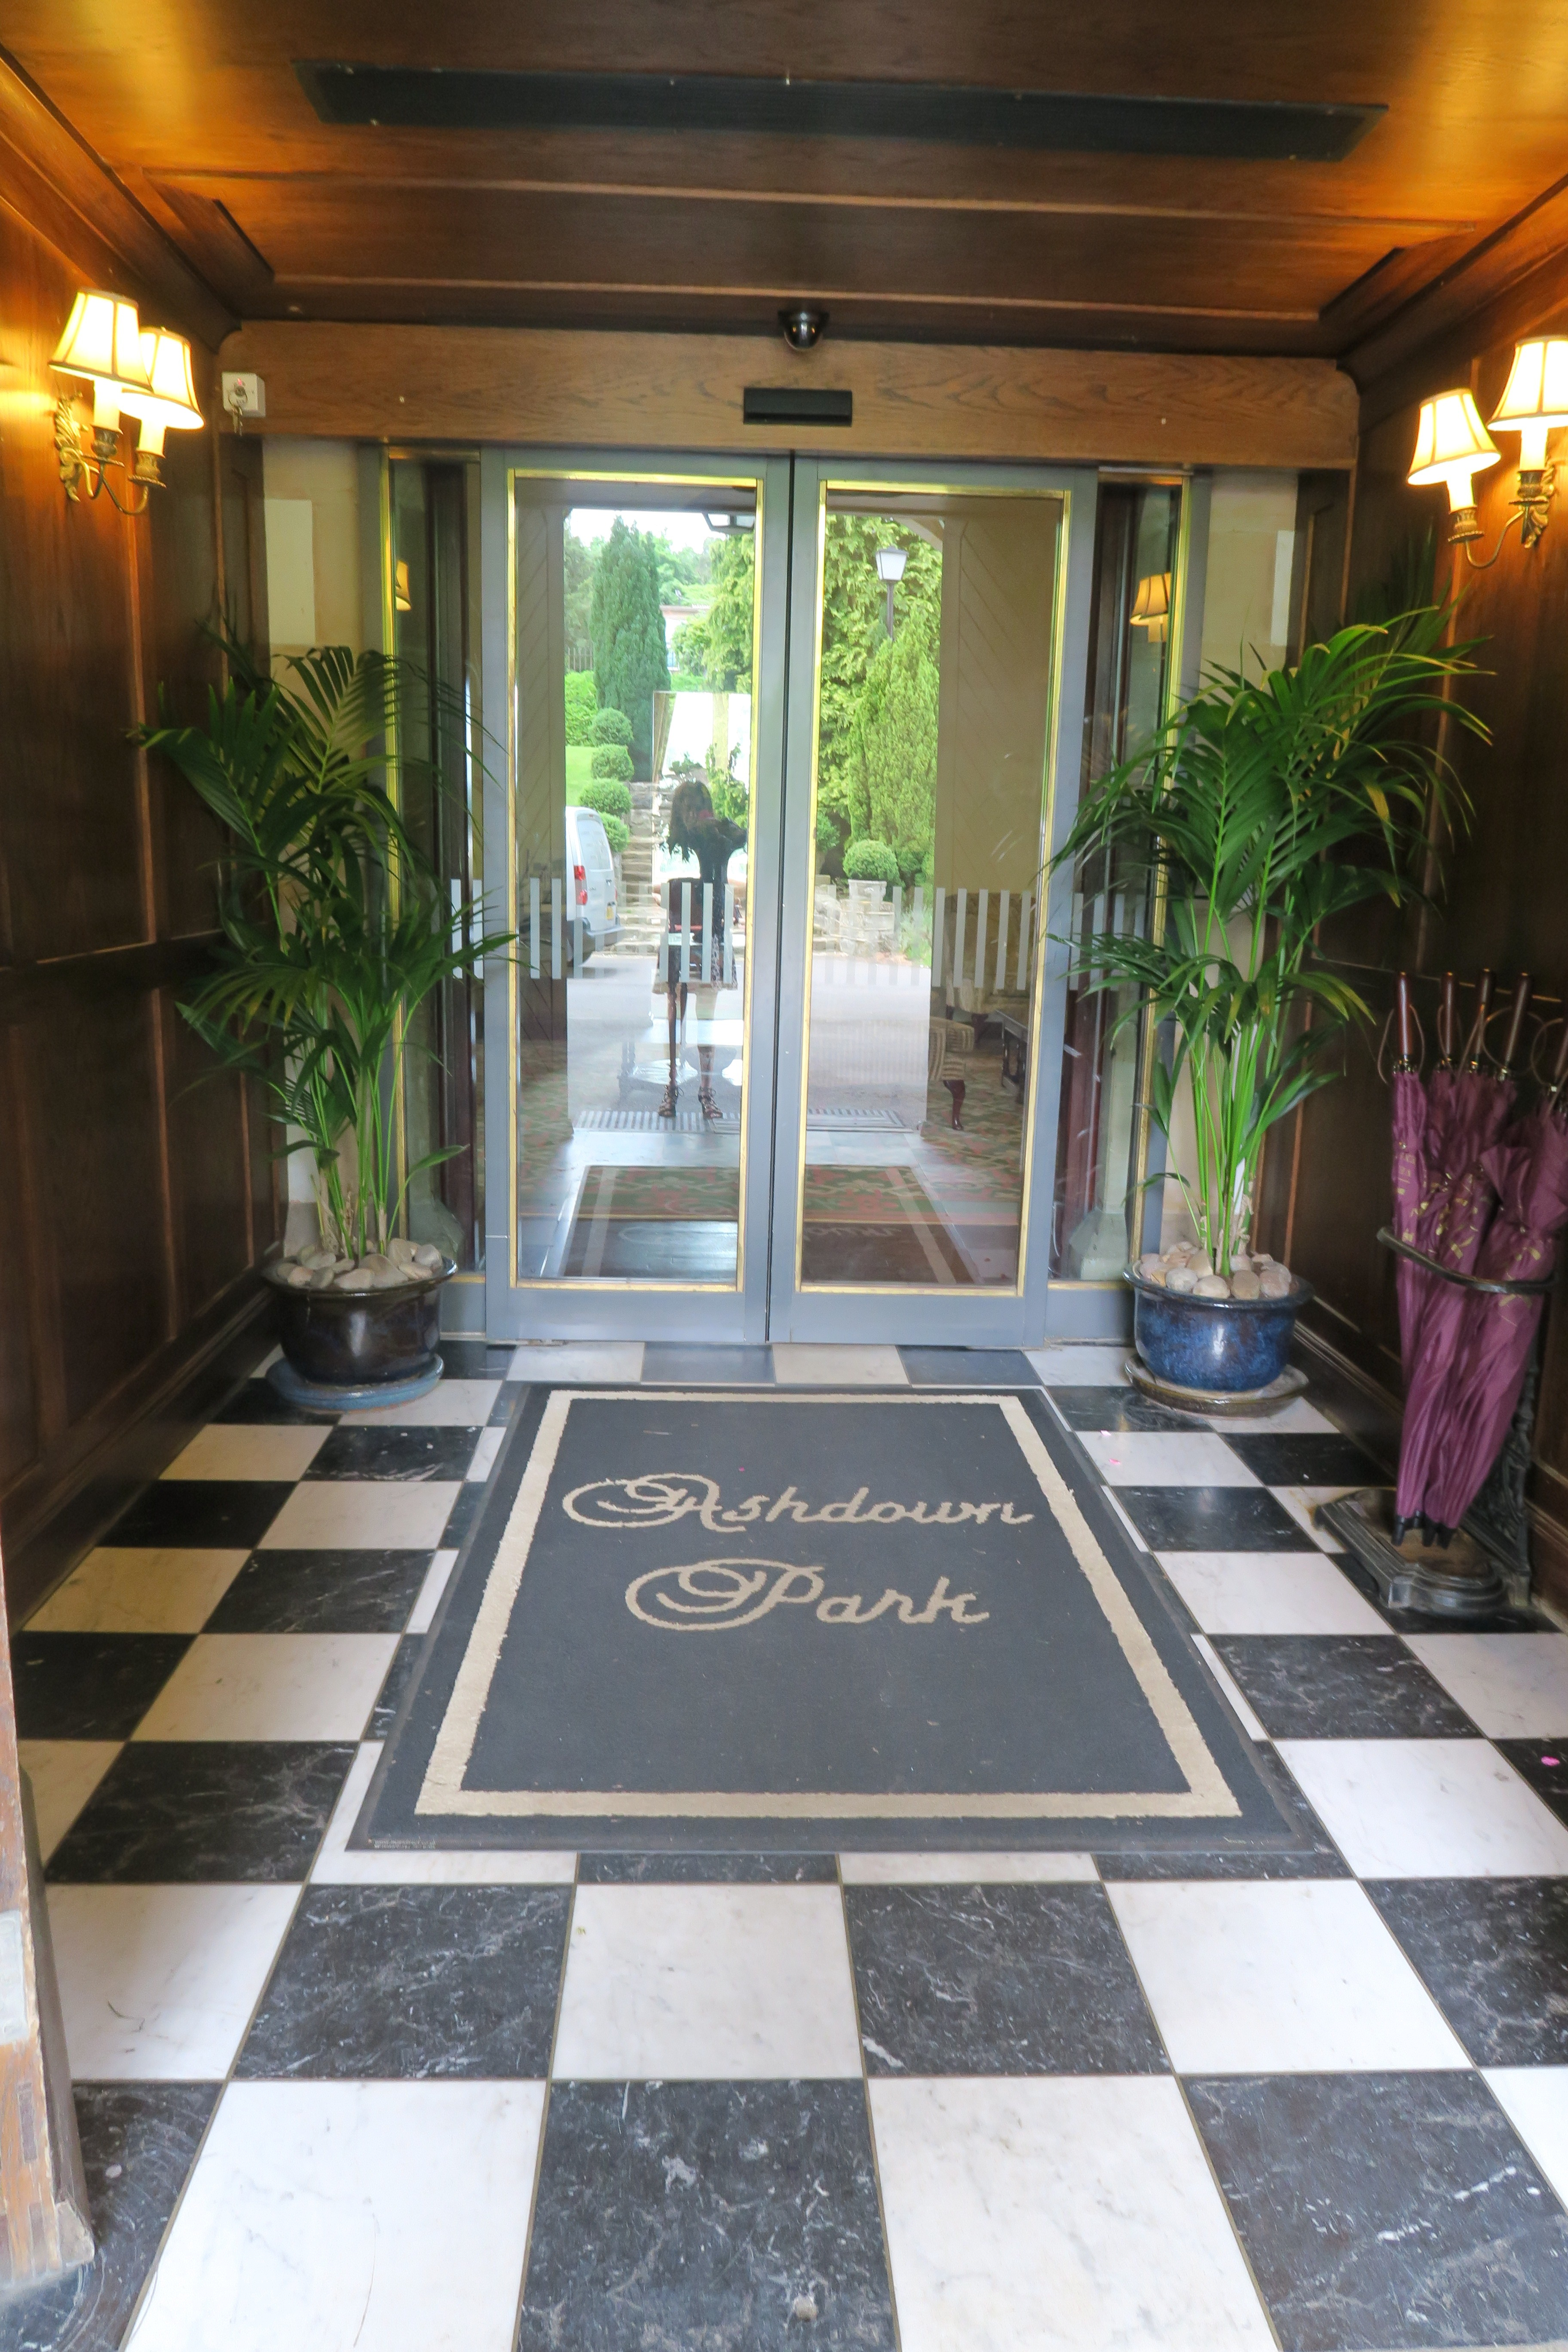 Ashdown Park Entrance